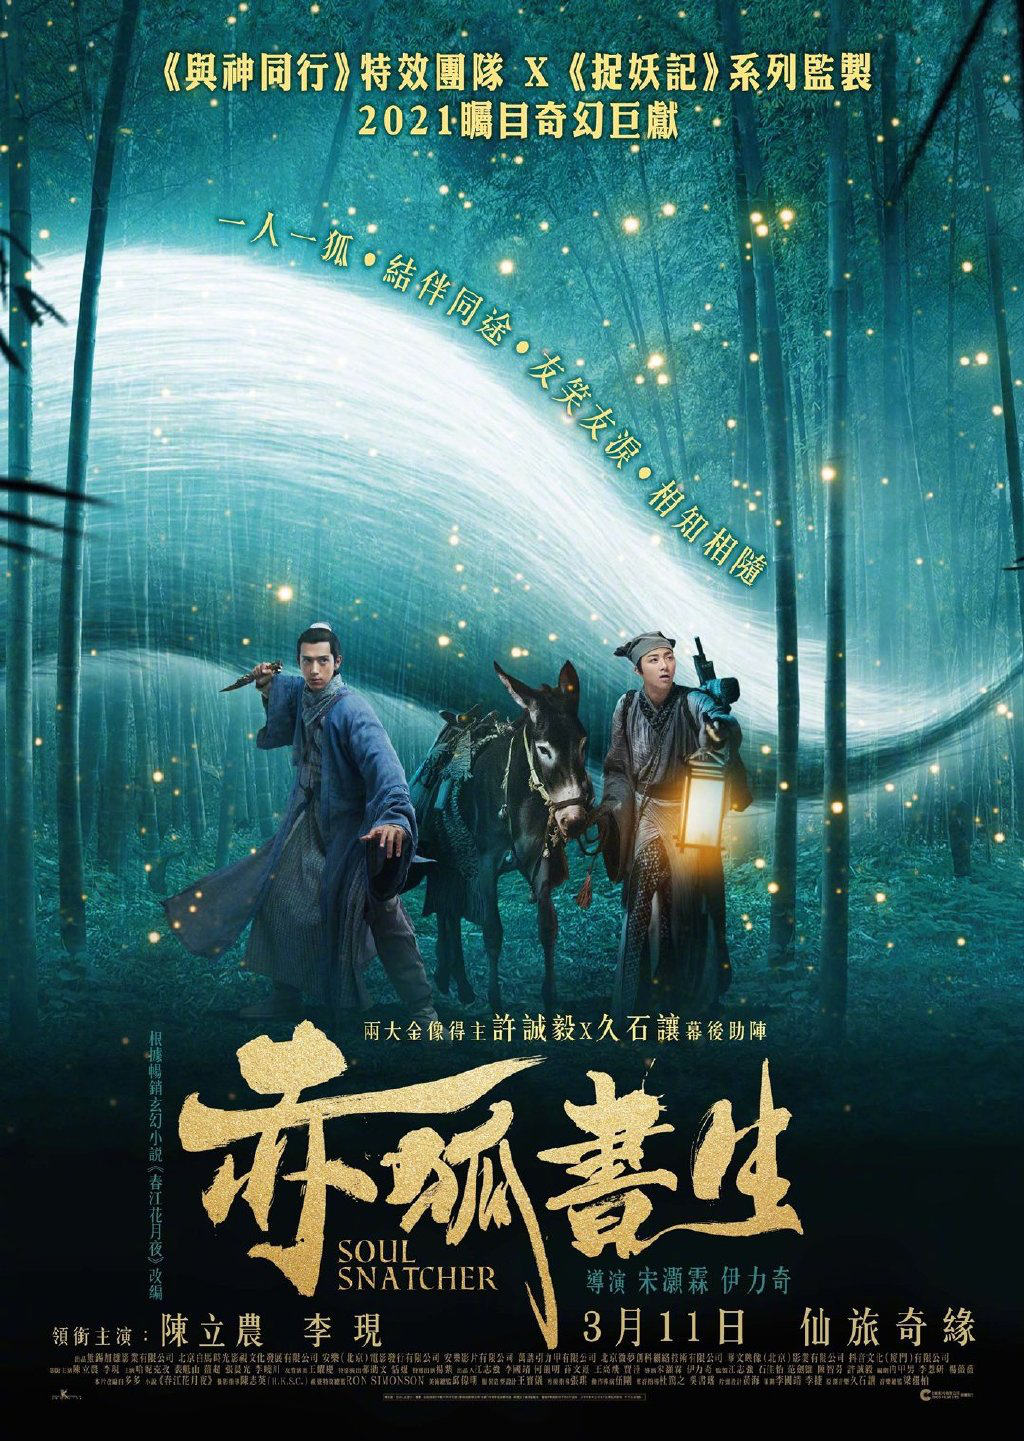 《赤狐书生》3.11香港上映 陈立农李现赴奇幻之旅